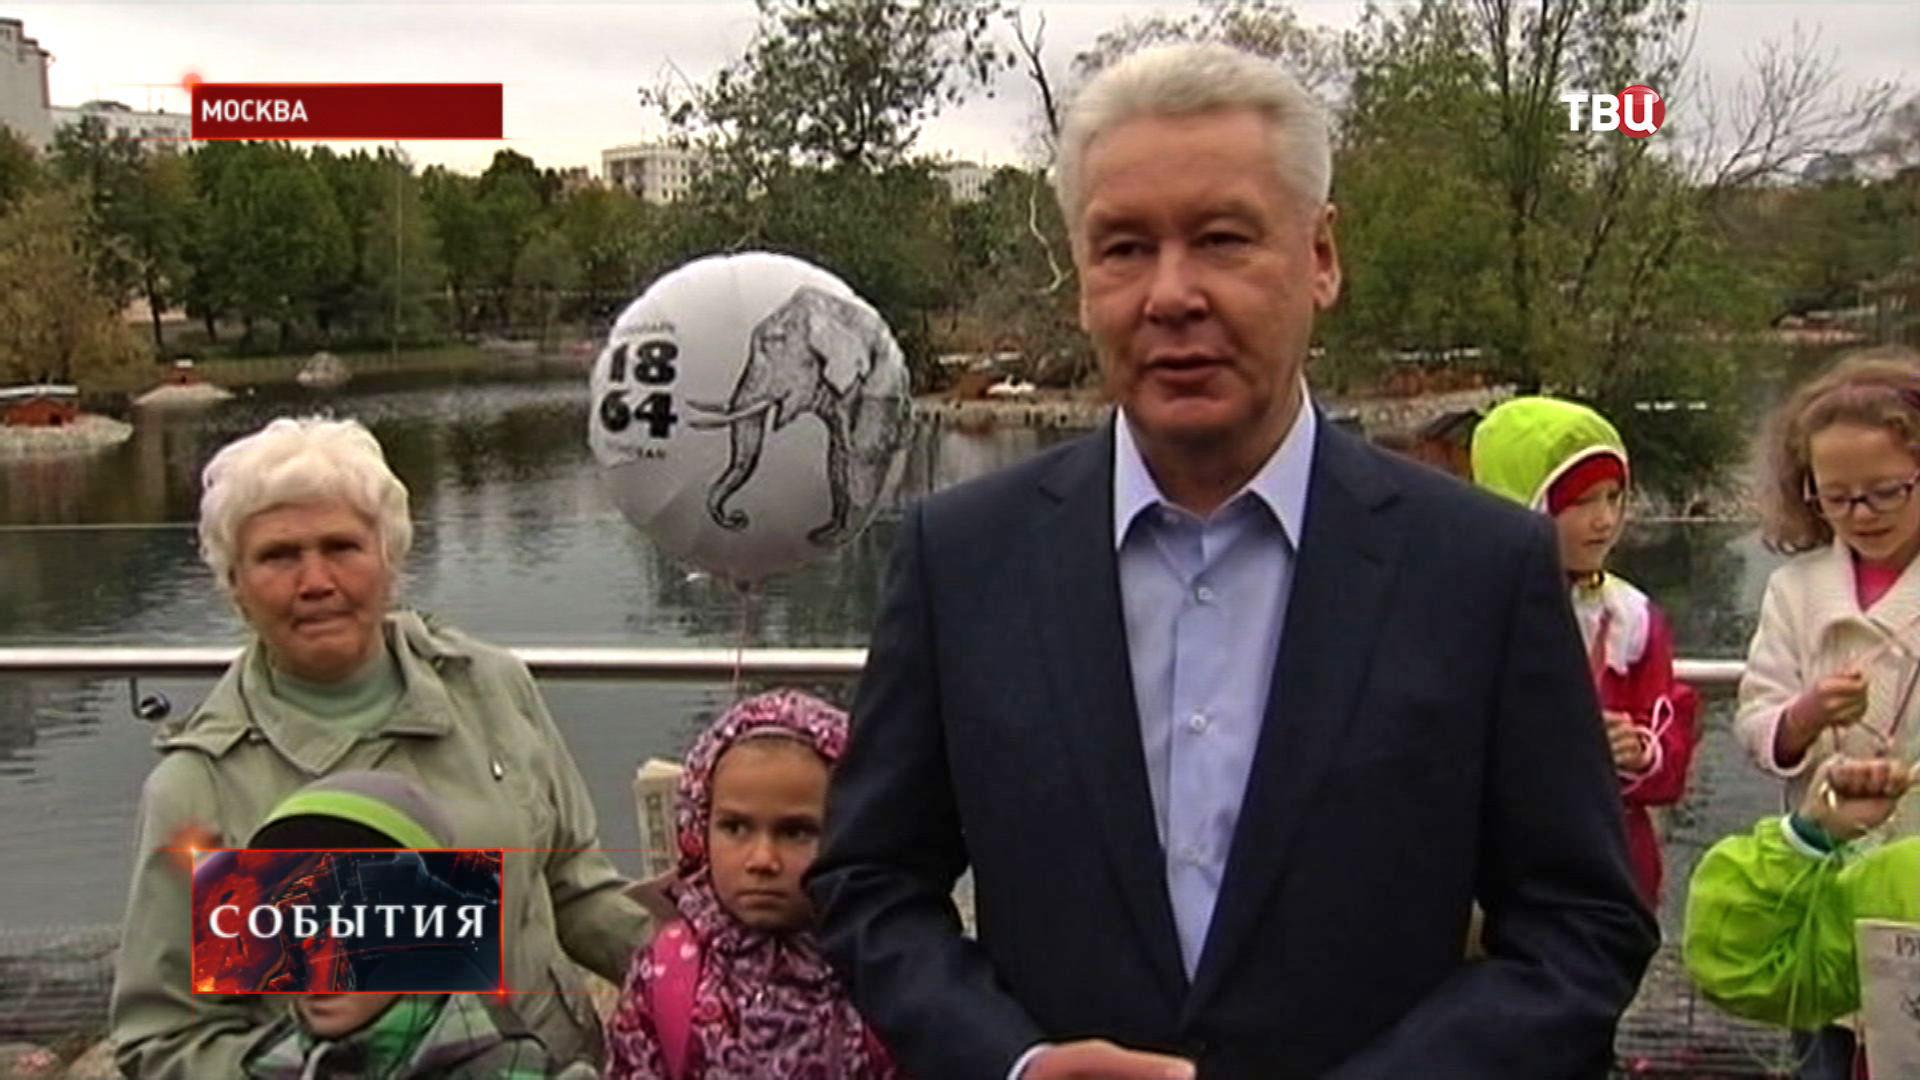 Сергей Собянин в Московском зоопарке